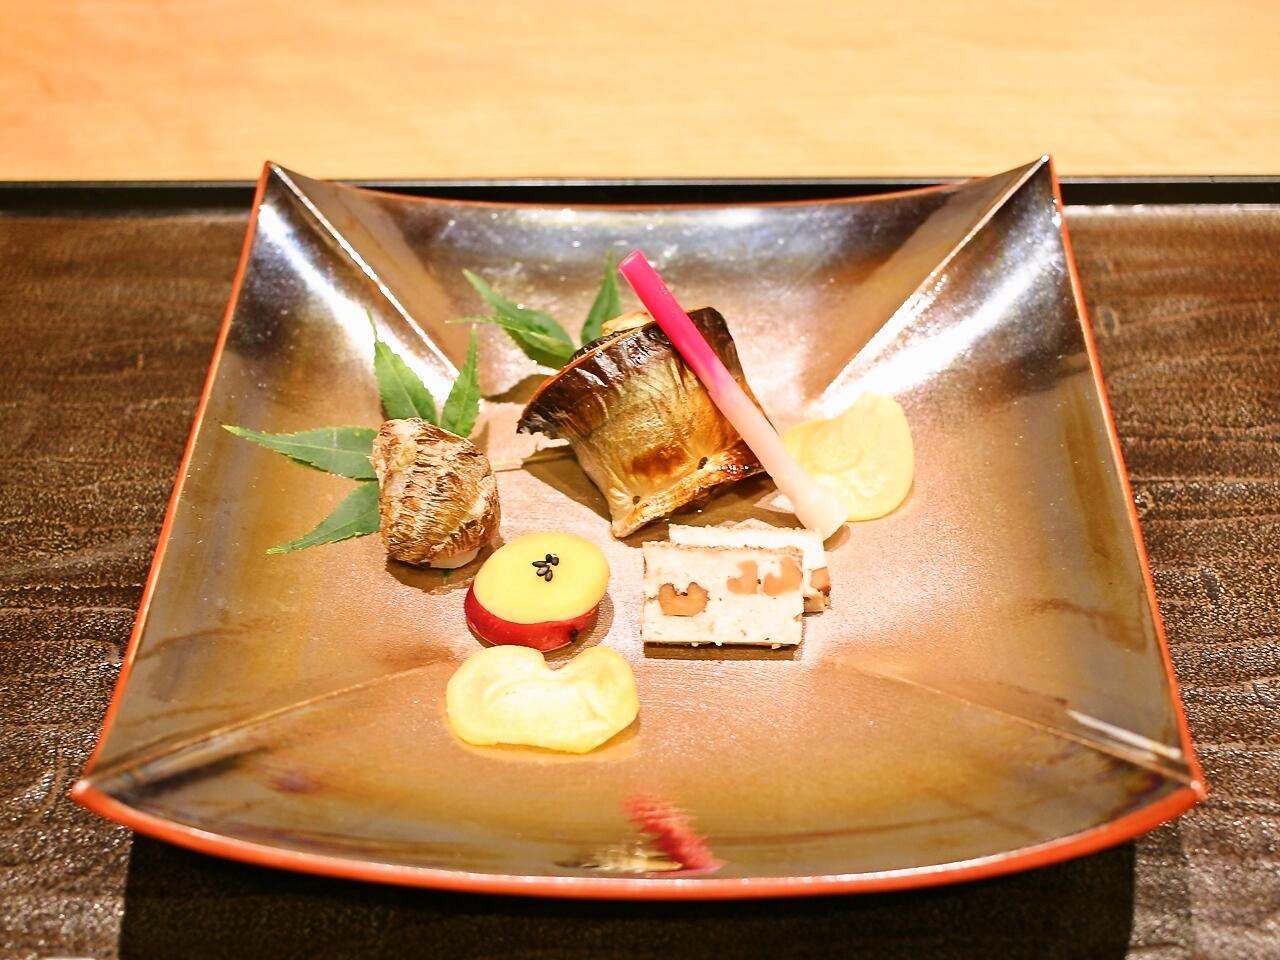 みとん今治,伊藤,和食,ディナー,松本町